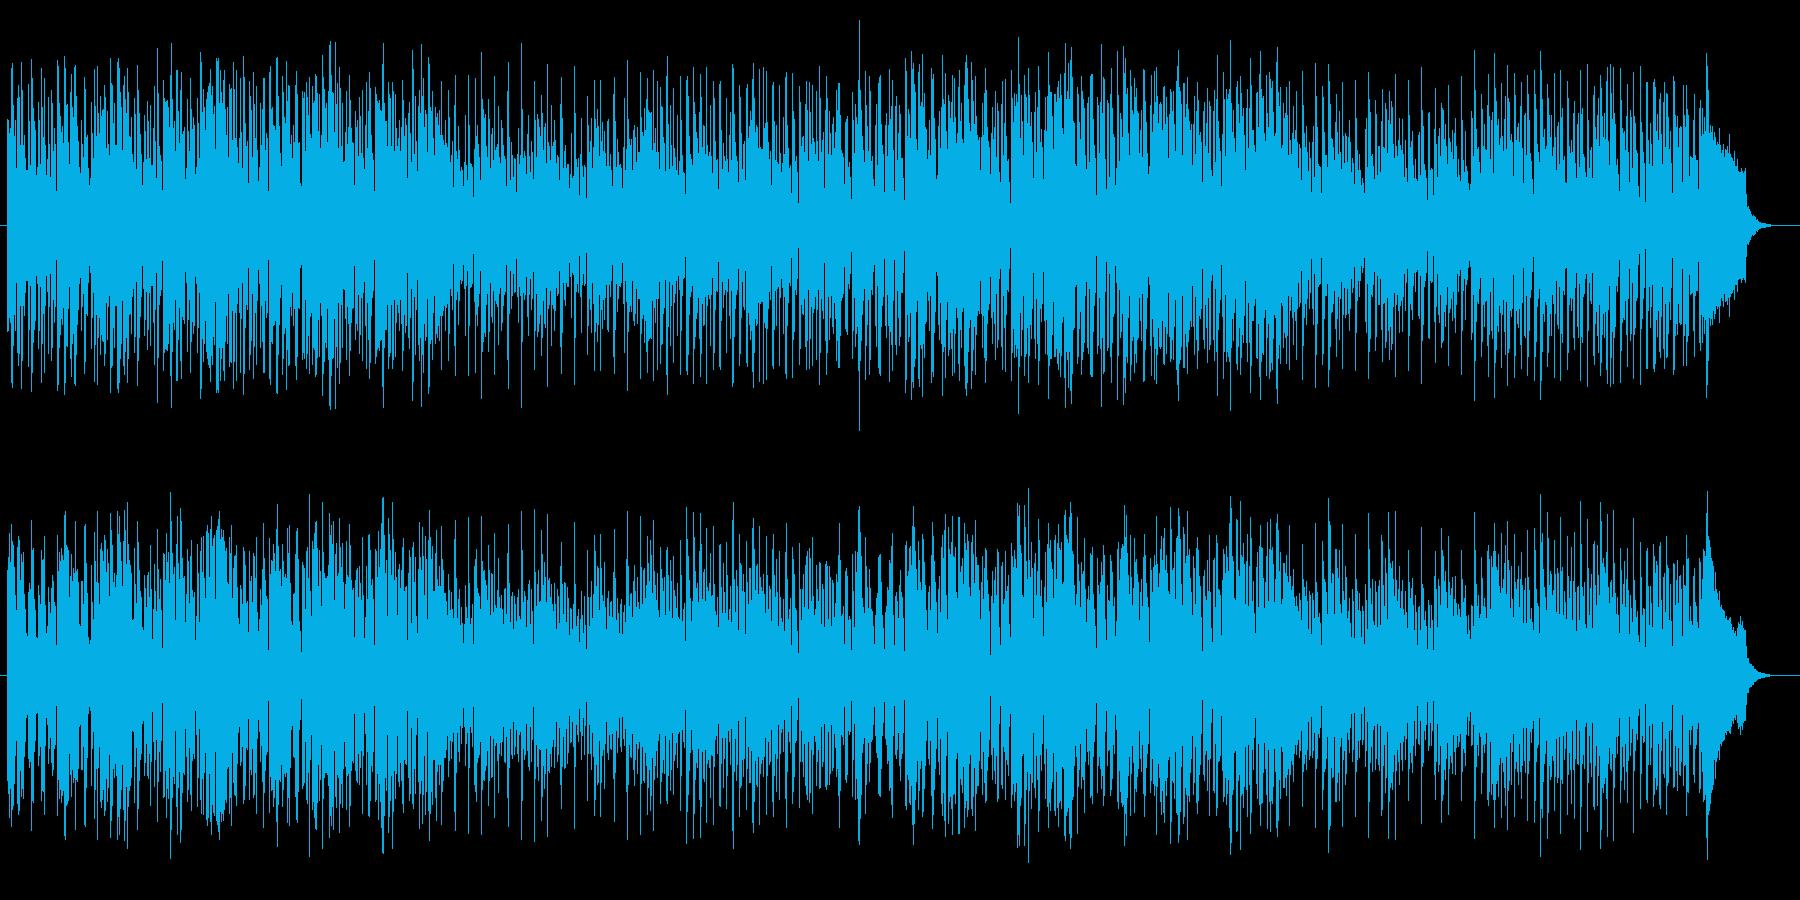 疾走・緊迫感のあるストリングミュージックの再生済みの波形